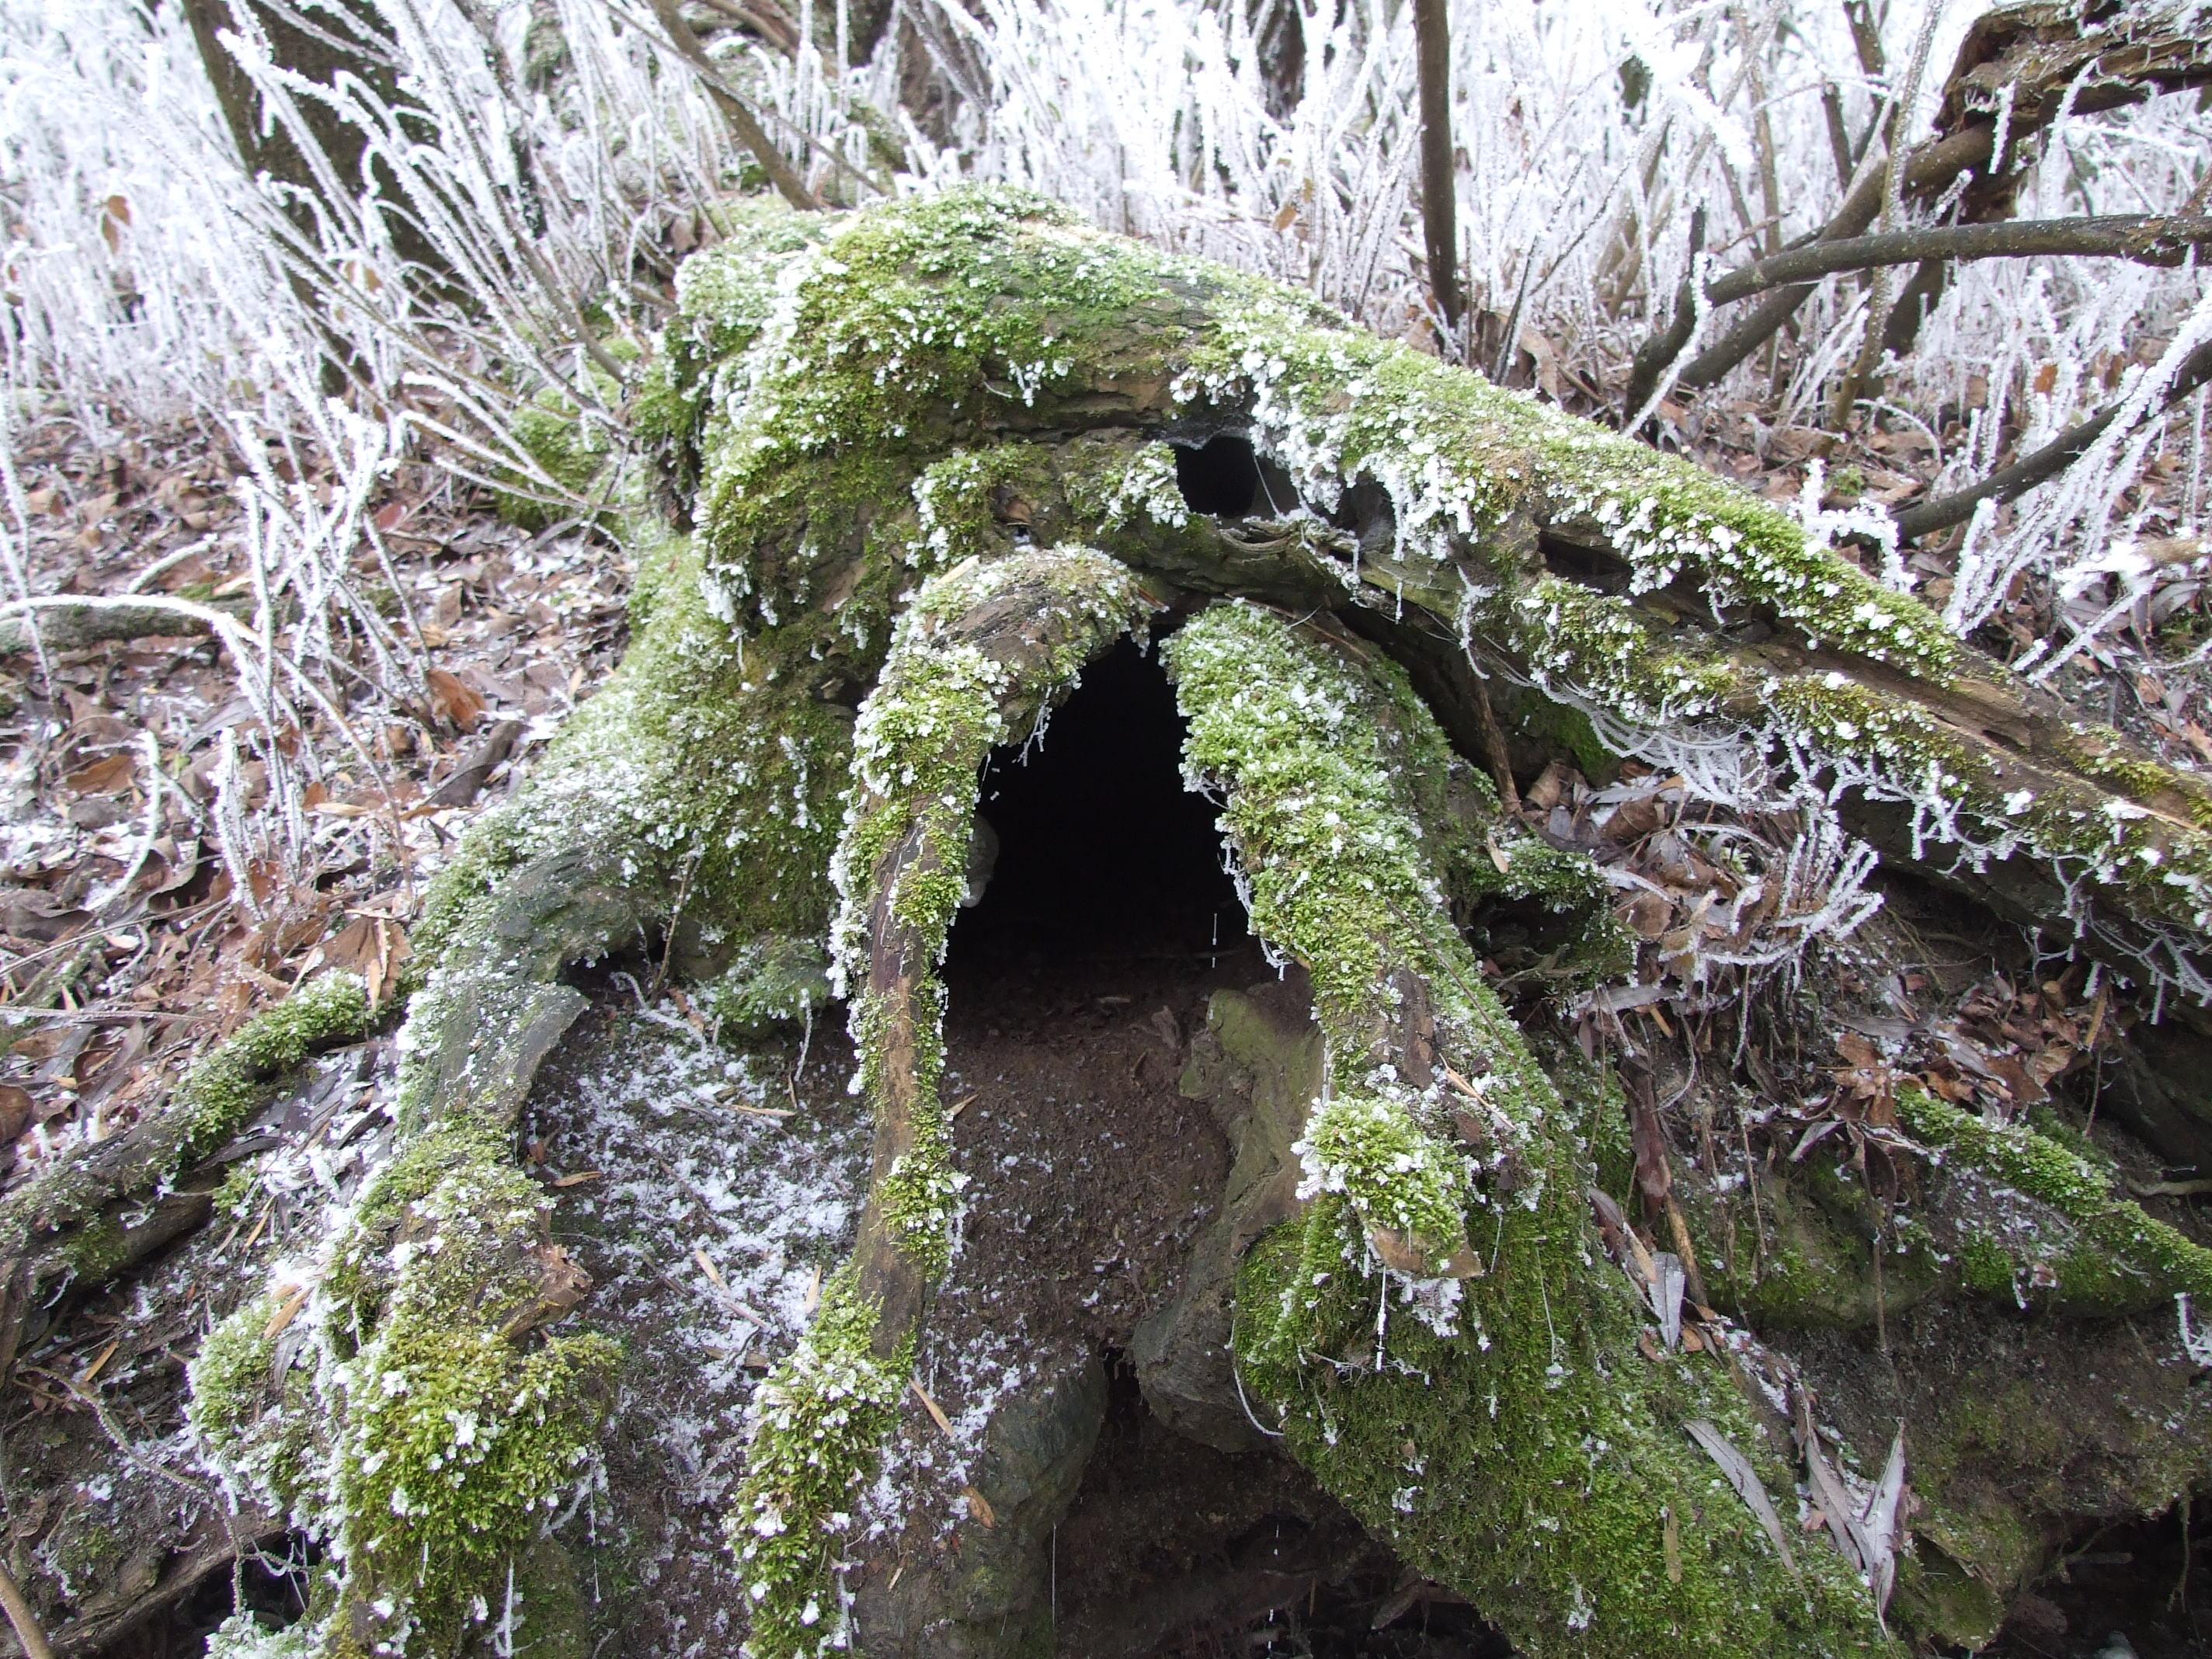 Kiborult fa gyökérzete közt ott van bizony  a vidra odú bejárata